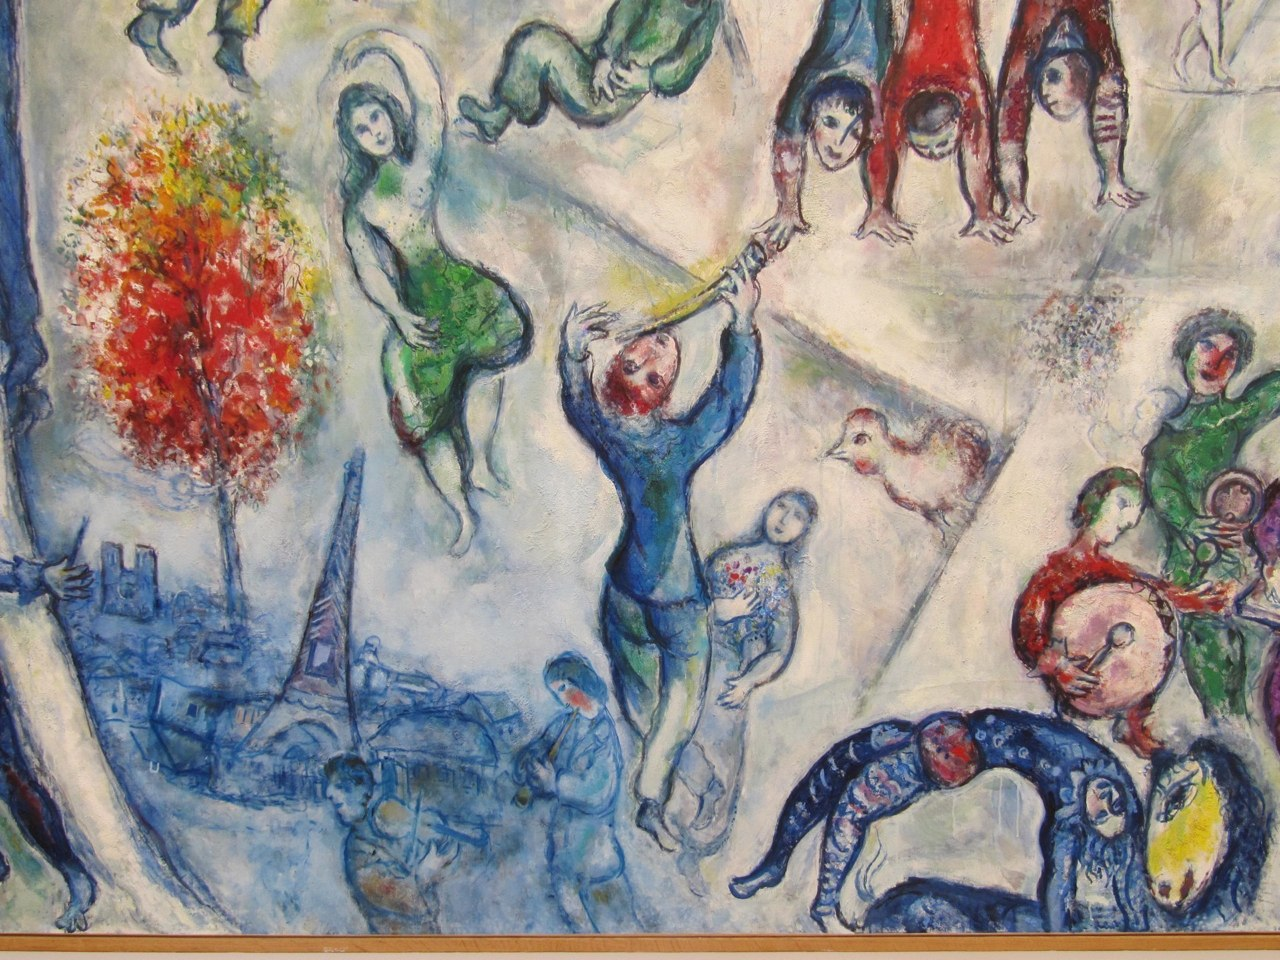 Marc Chagall, La Vie, detail. Fondation Maeght, St-Paul de Vence.